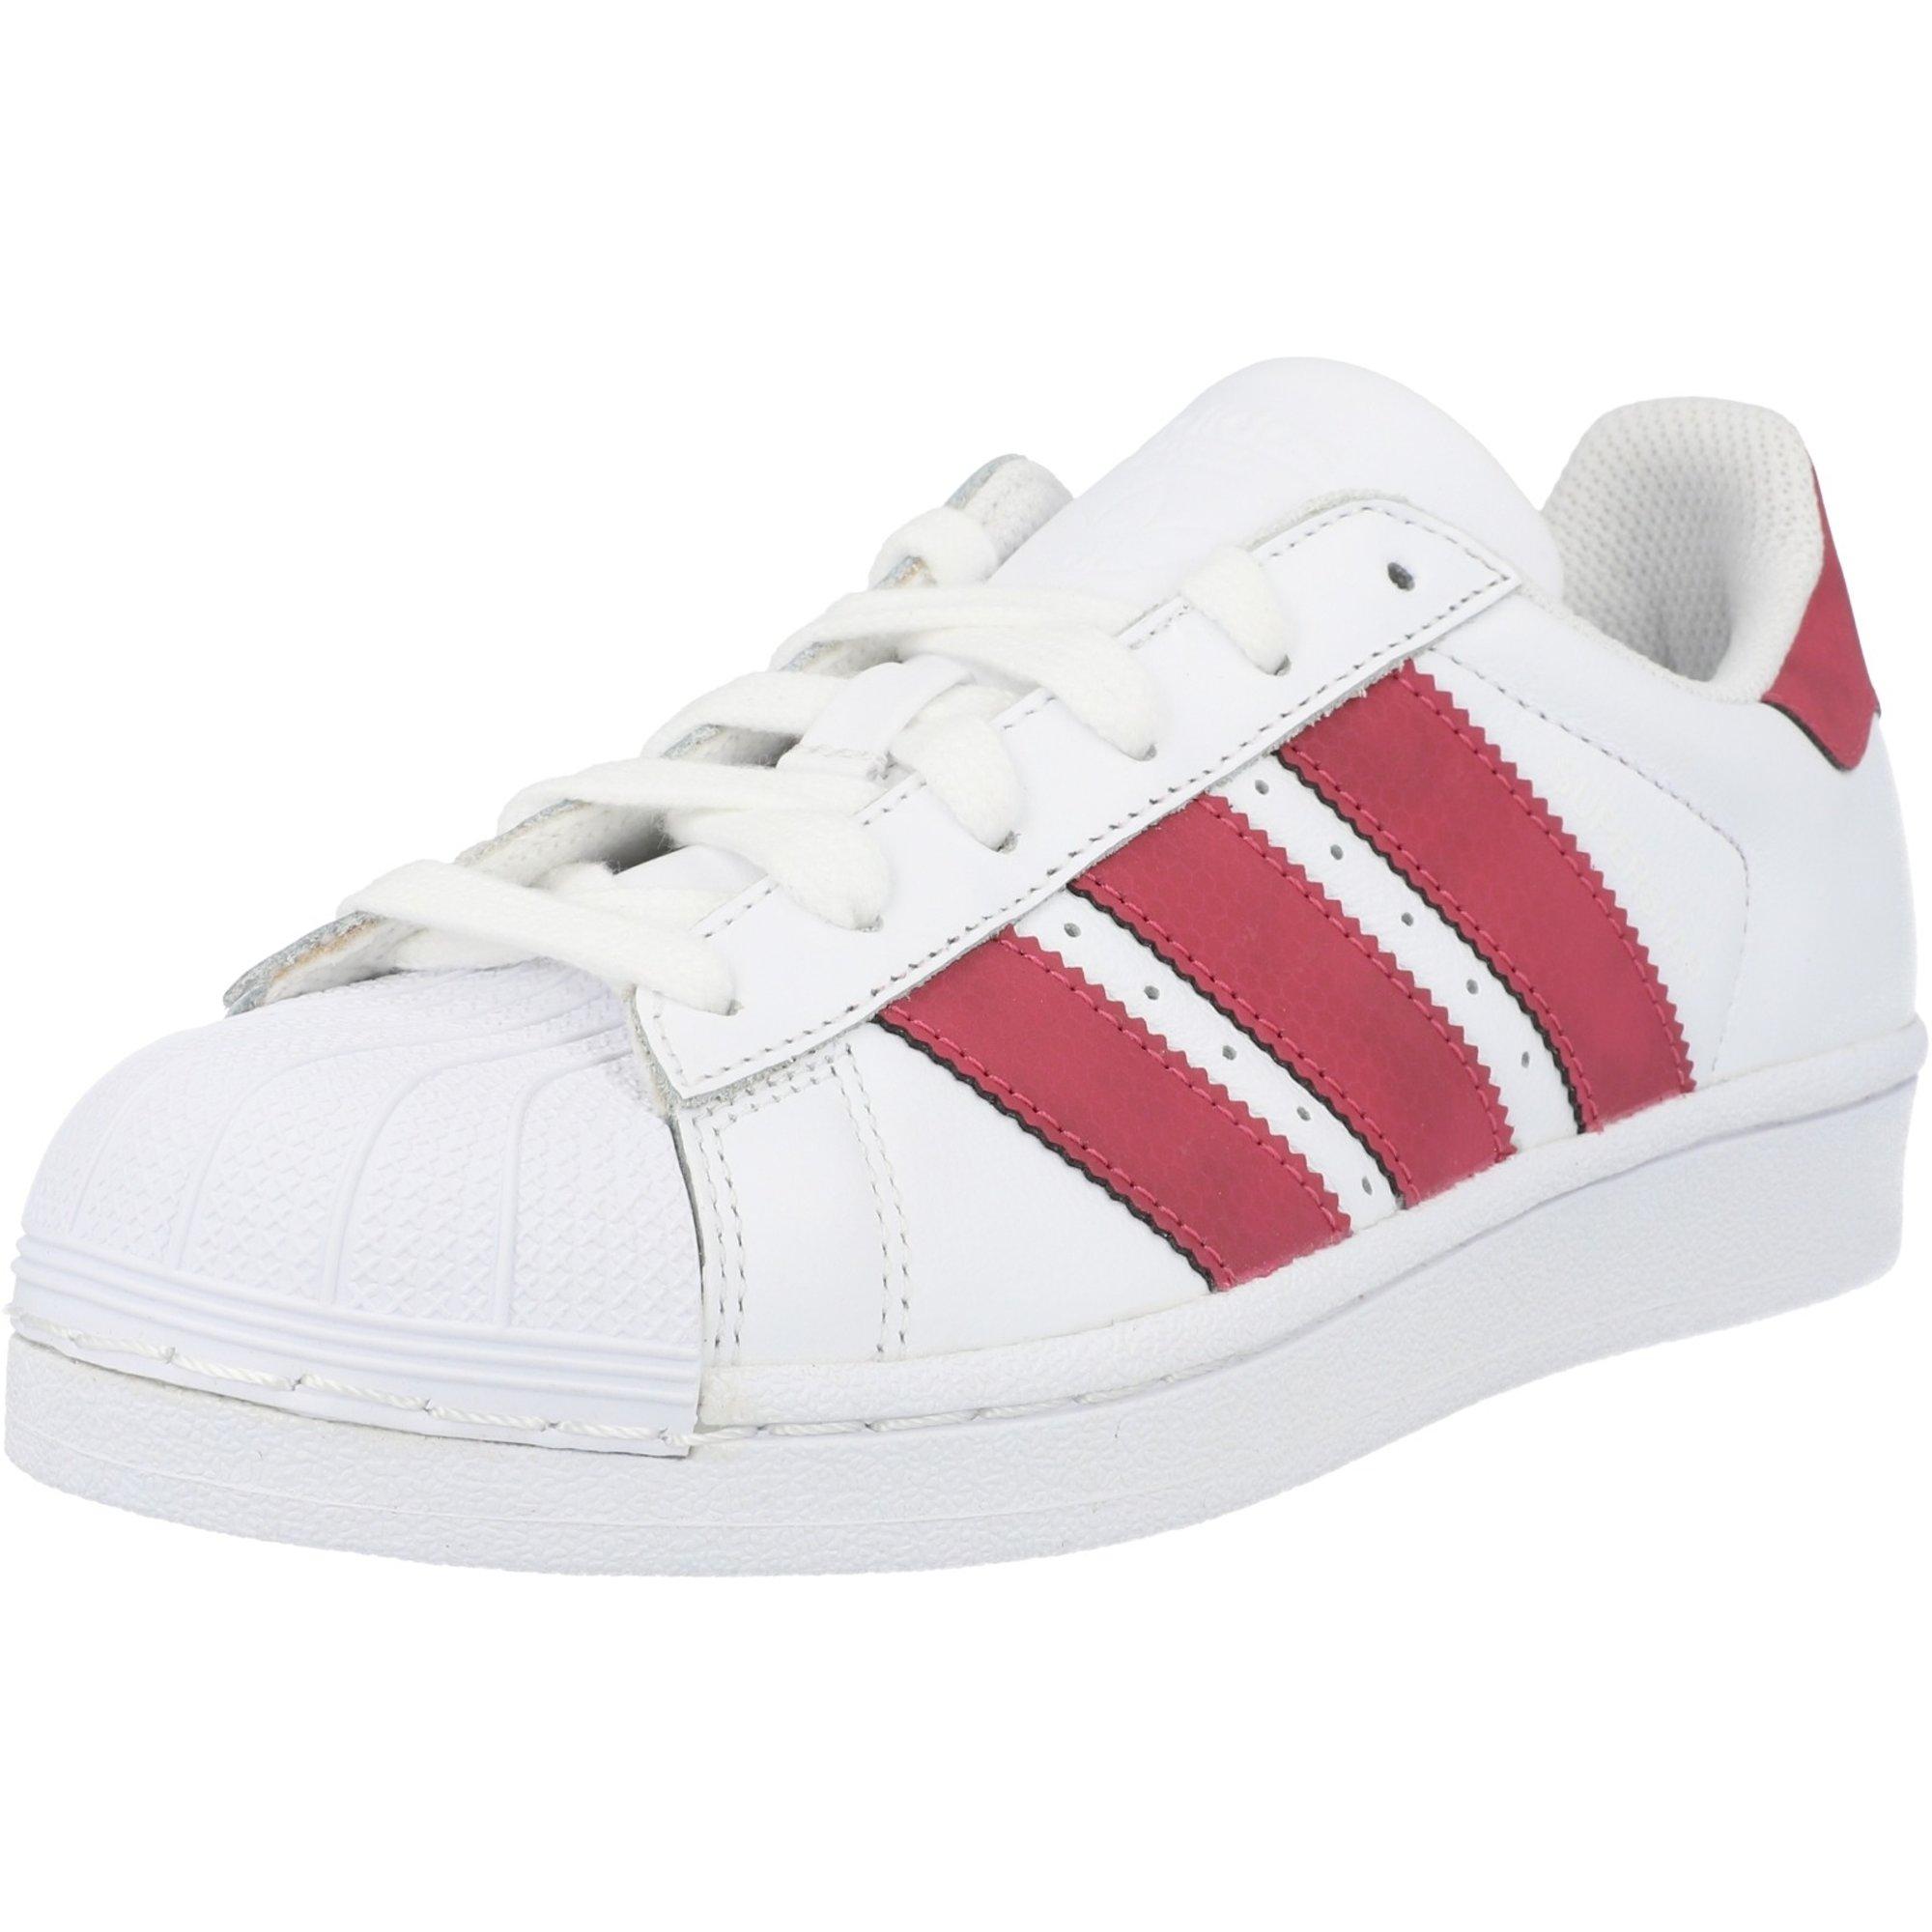 adidas Originals Superstar White/Dark